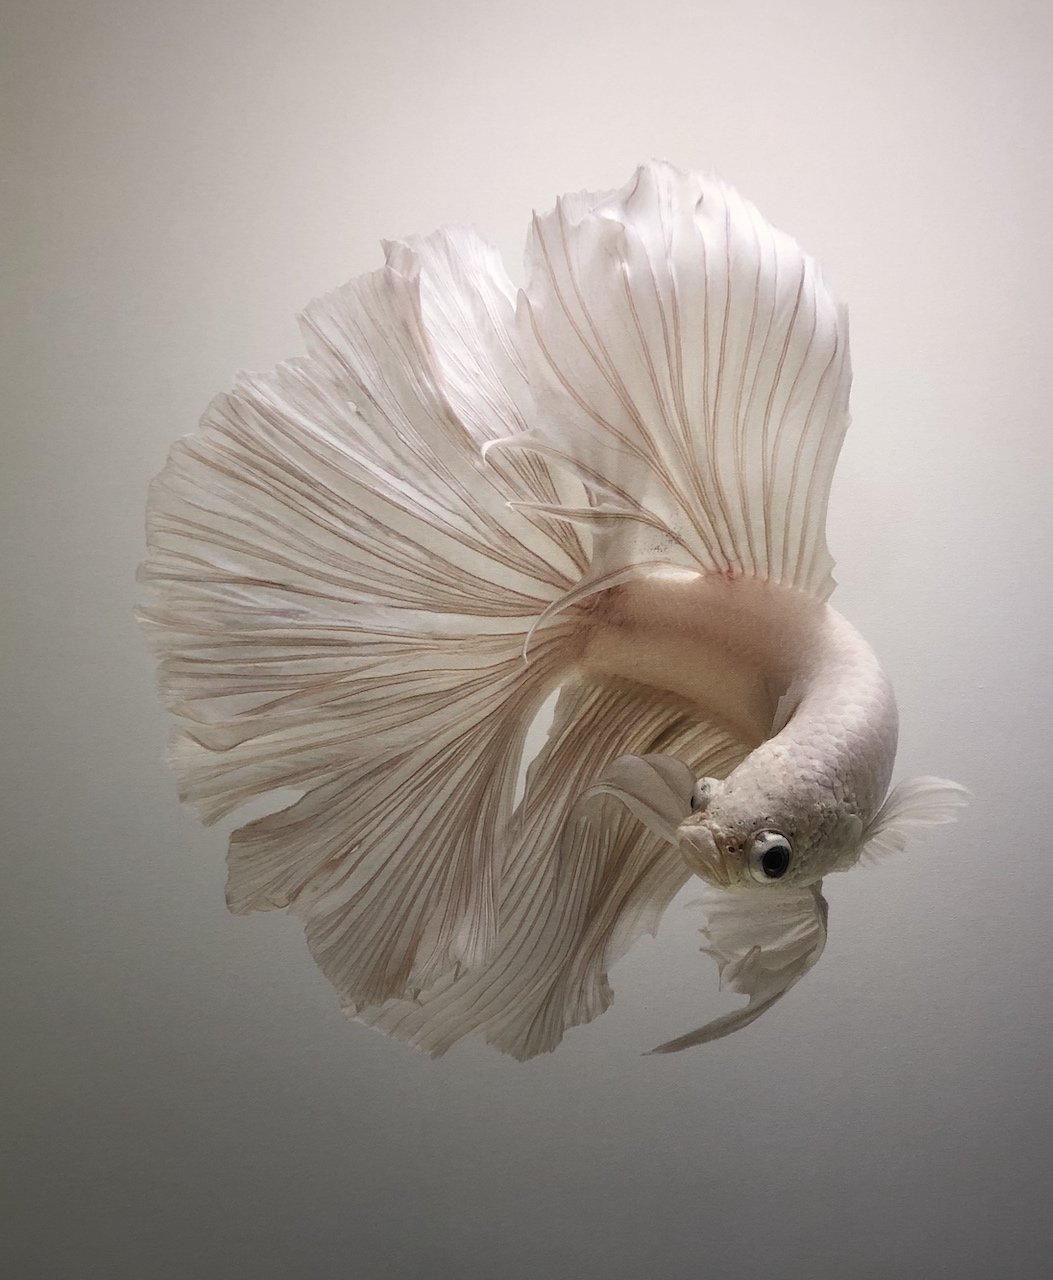 นิทรรศการภาพถ่ายปลากัดไทย ความงามแห่งสยาม